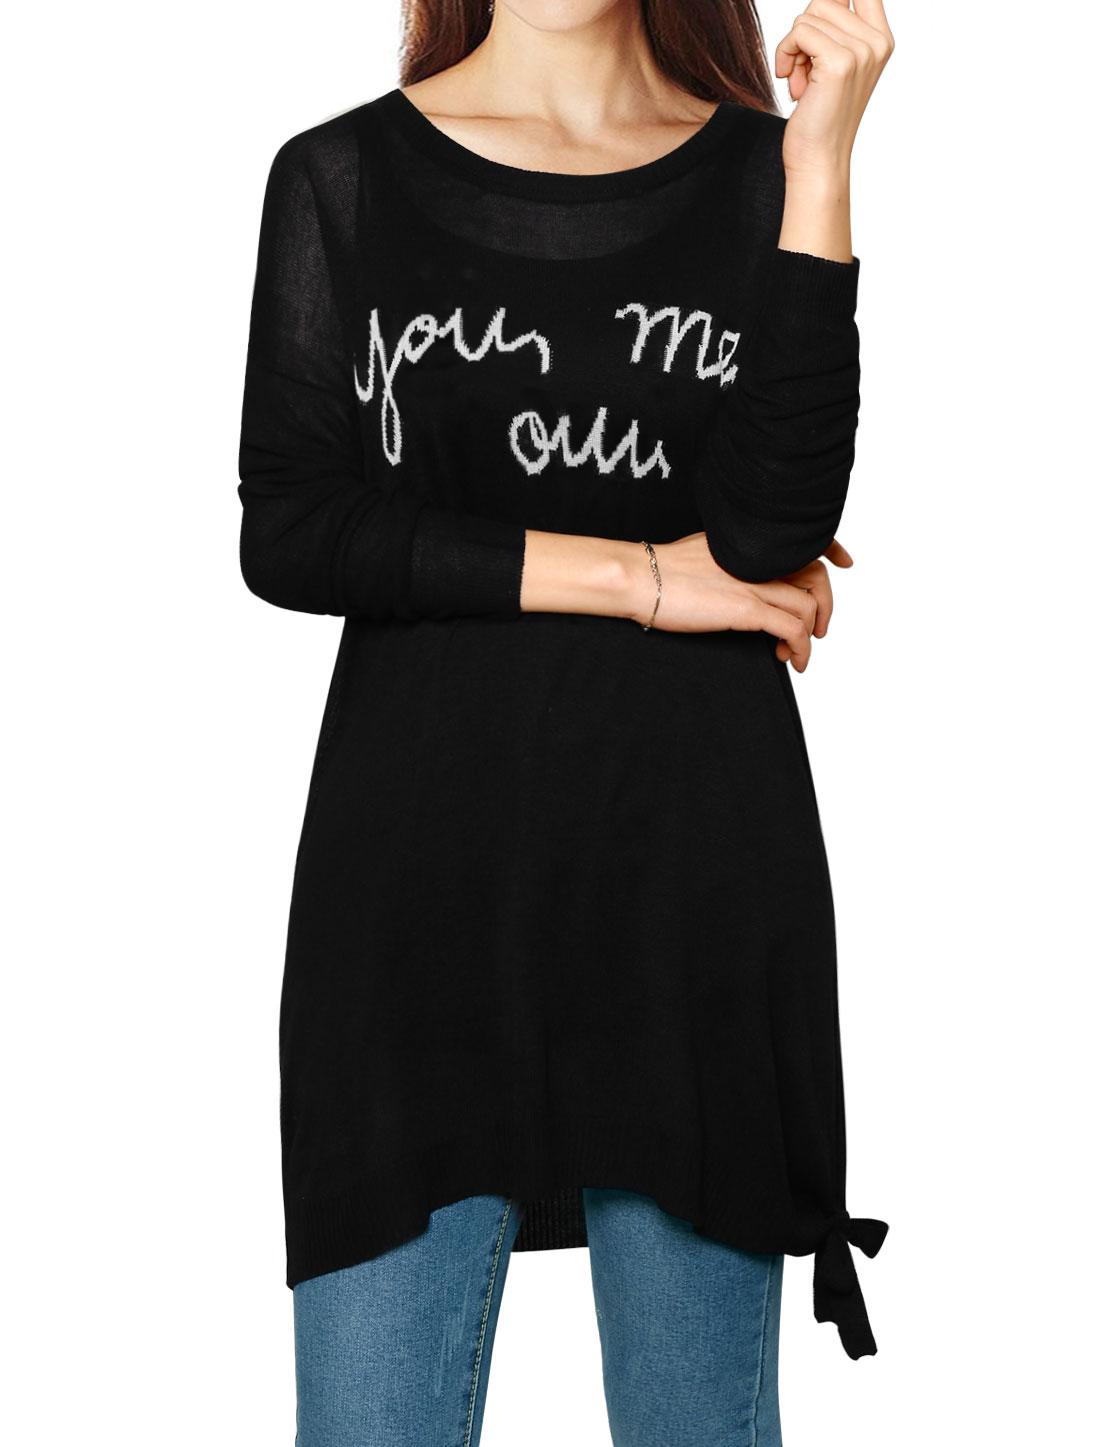 Women Dropped Shoulder Side-Slit Letters Loose Knit Top Black L